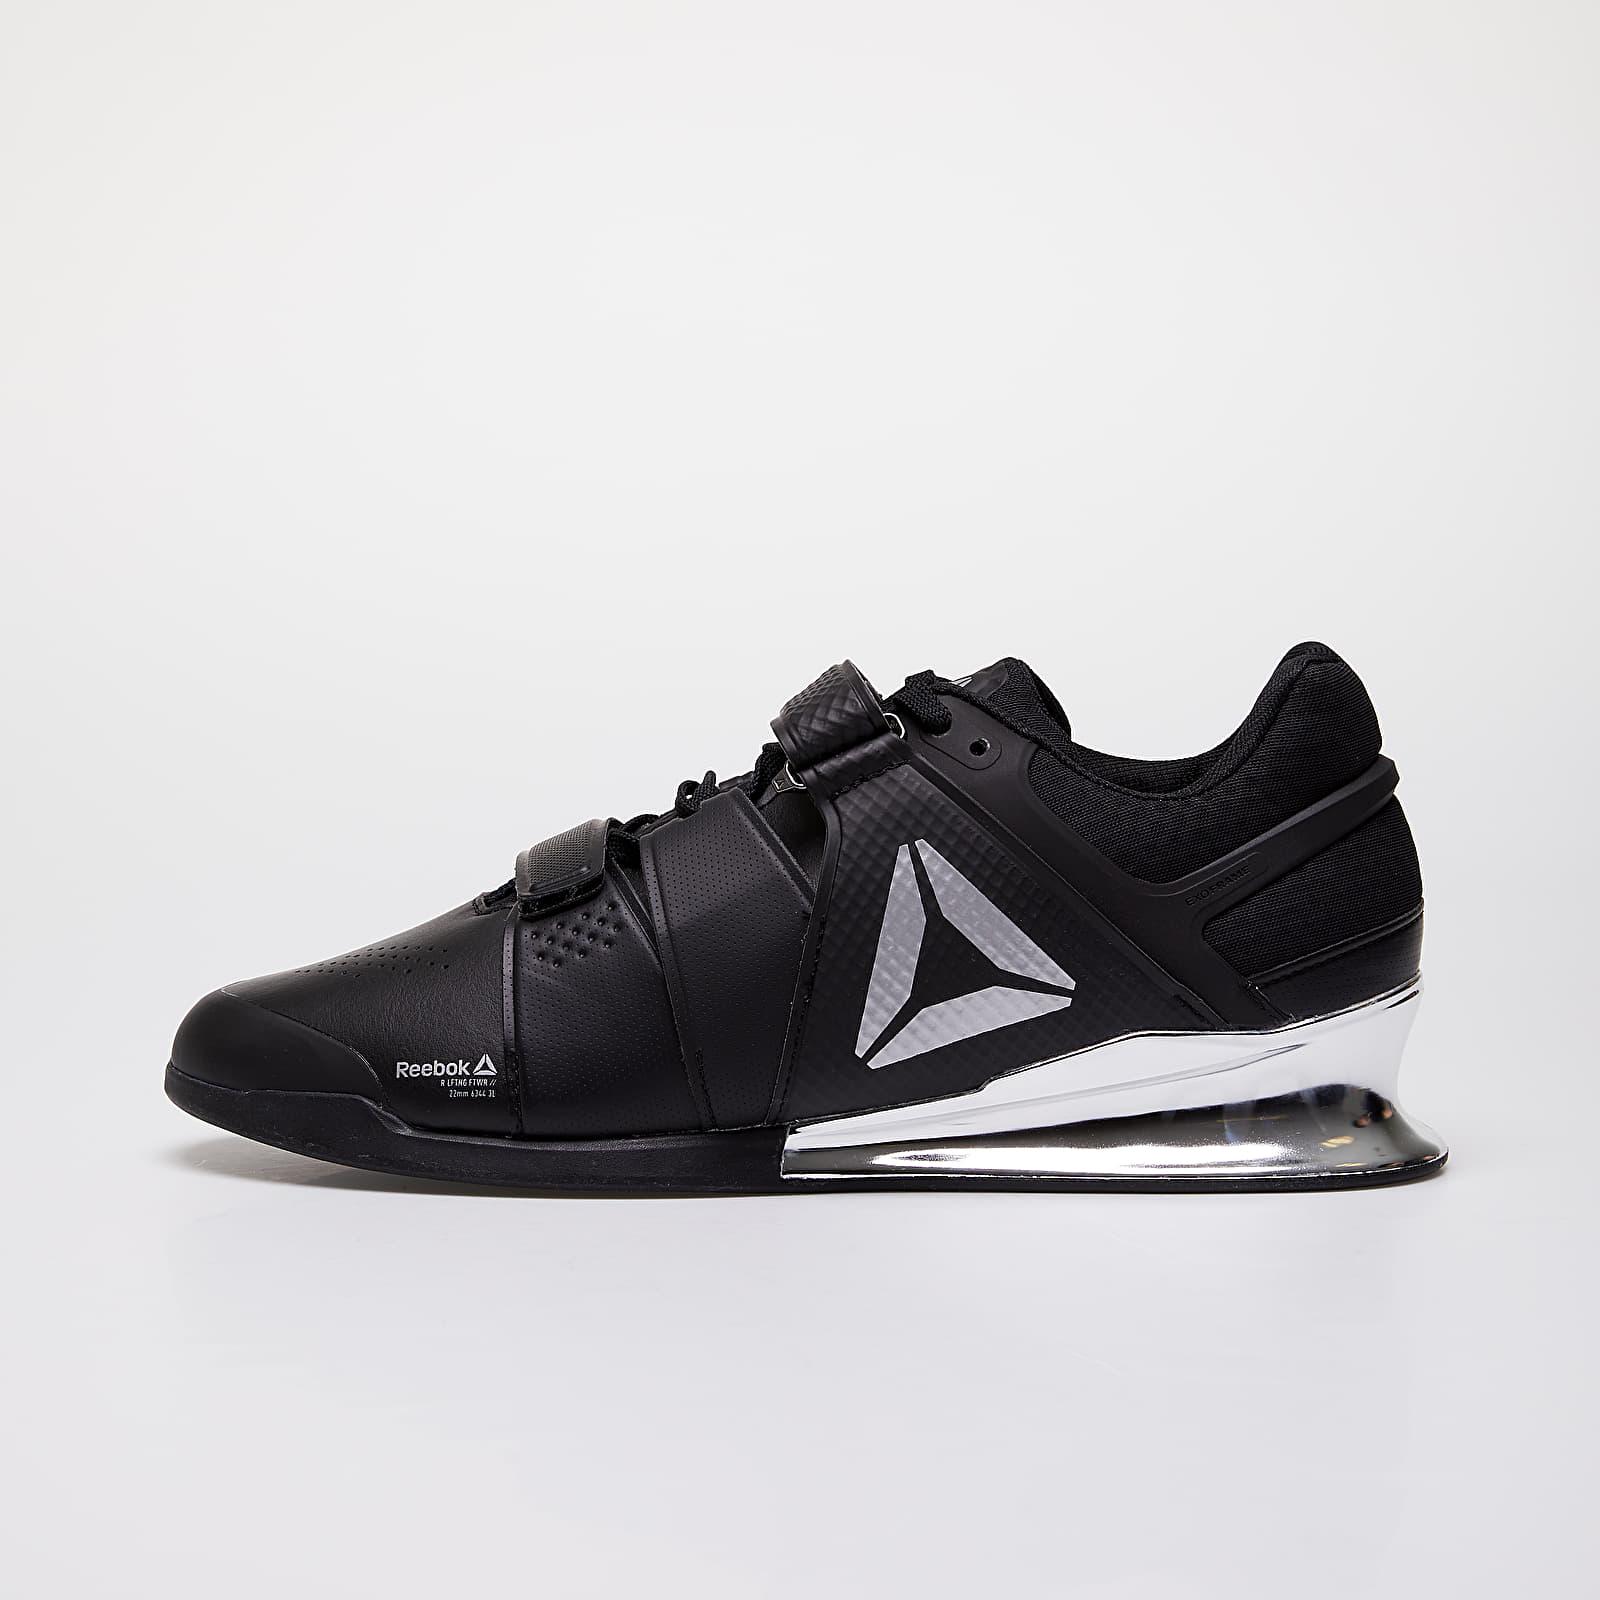 Pánské tenisky a boty Reebok Legacy Lifter Black/ White/ Silver